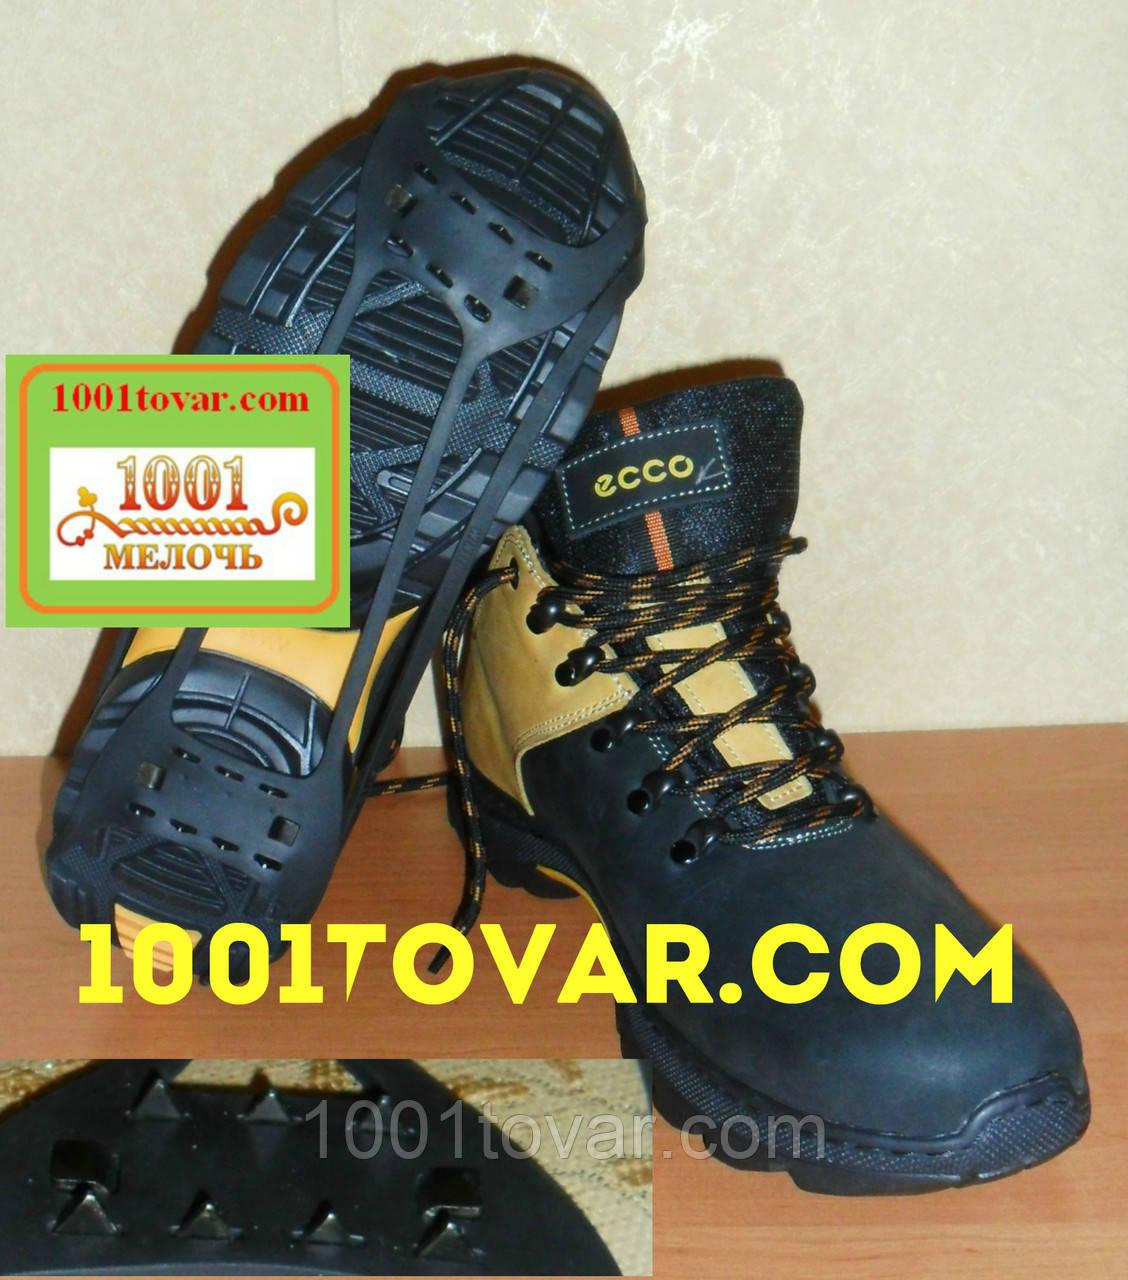 Универсальные ледоходы на 7+7 шипов, ледоступы, антискользители, шипы на обувь, размер 35-40